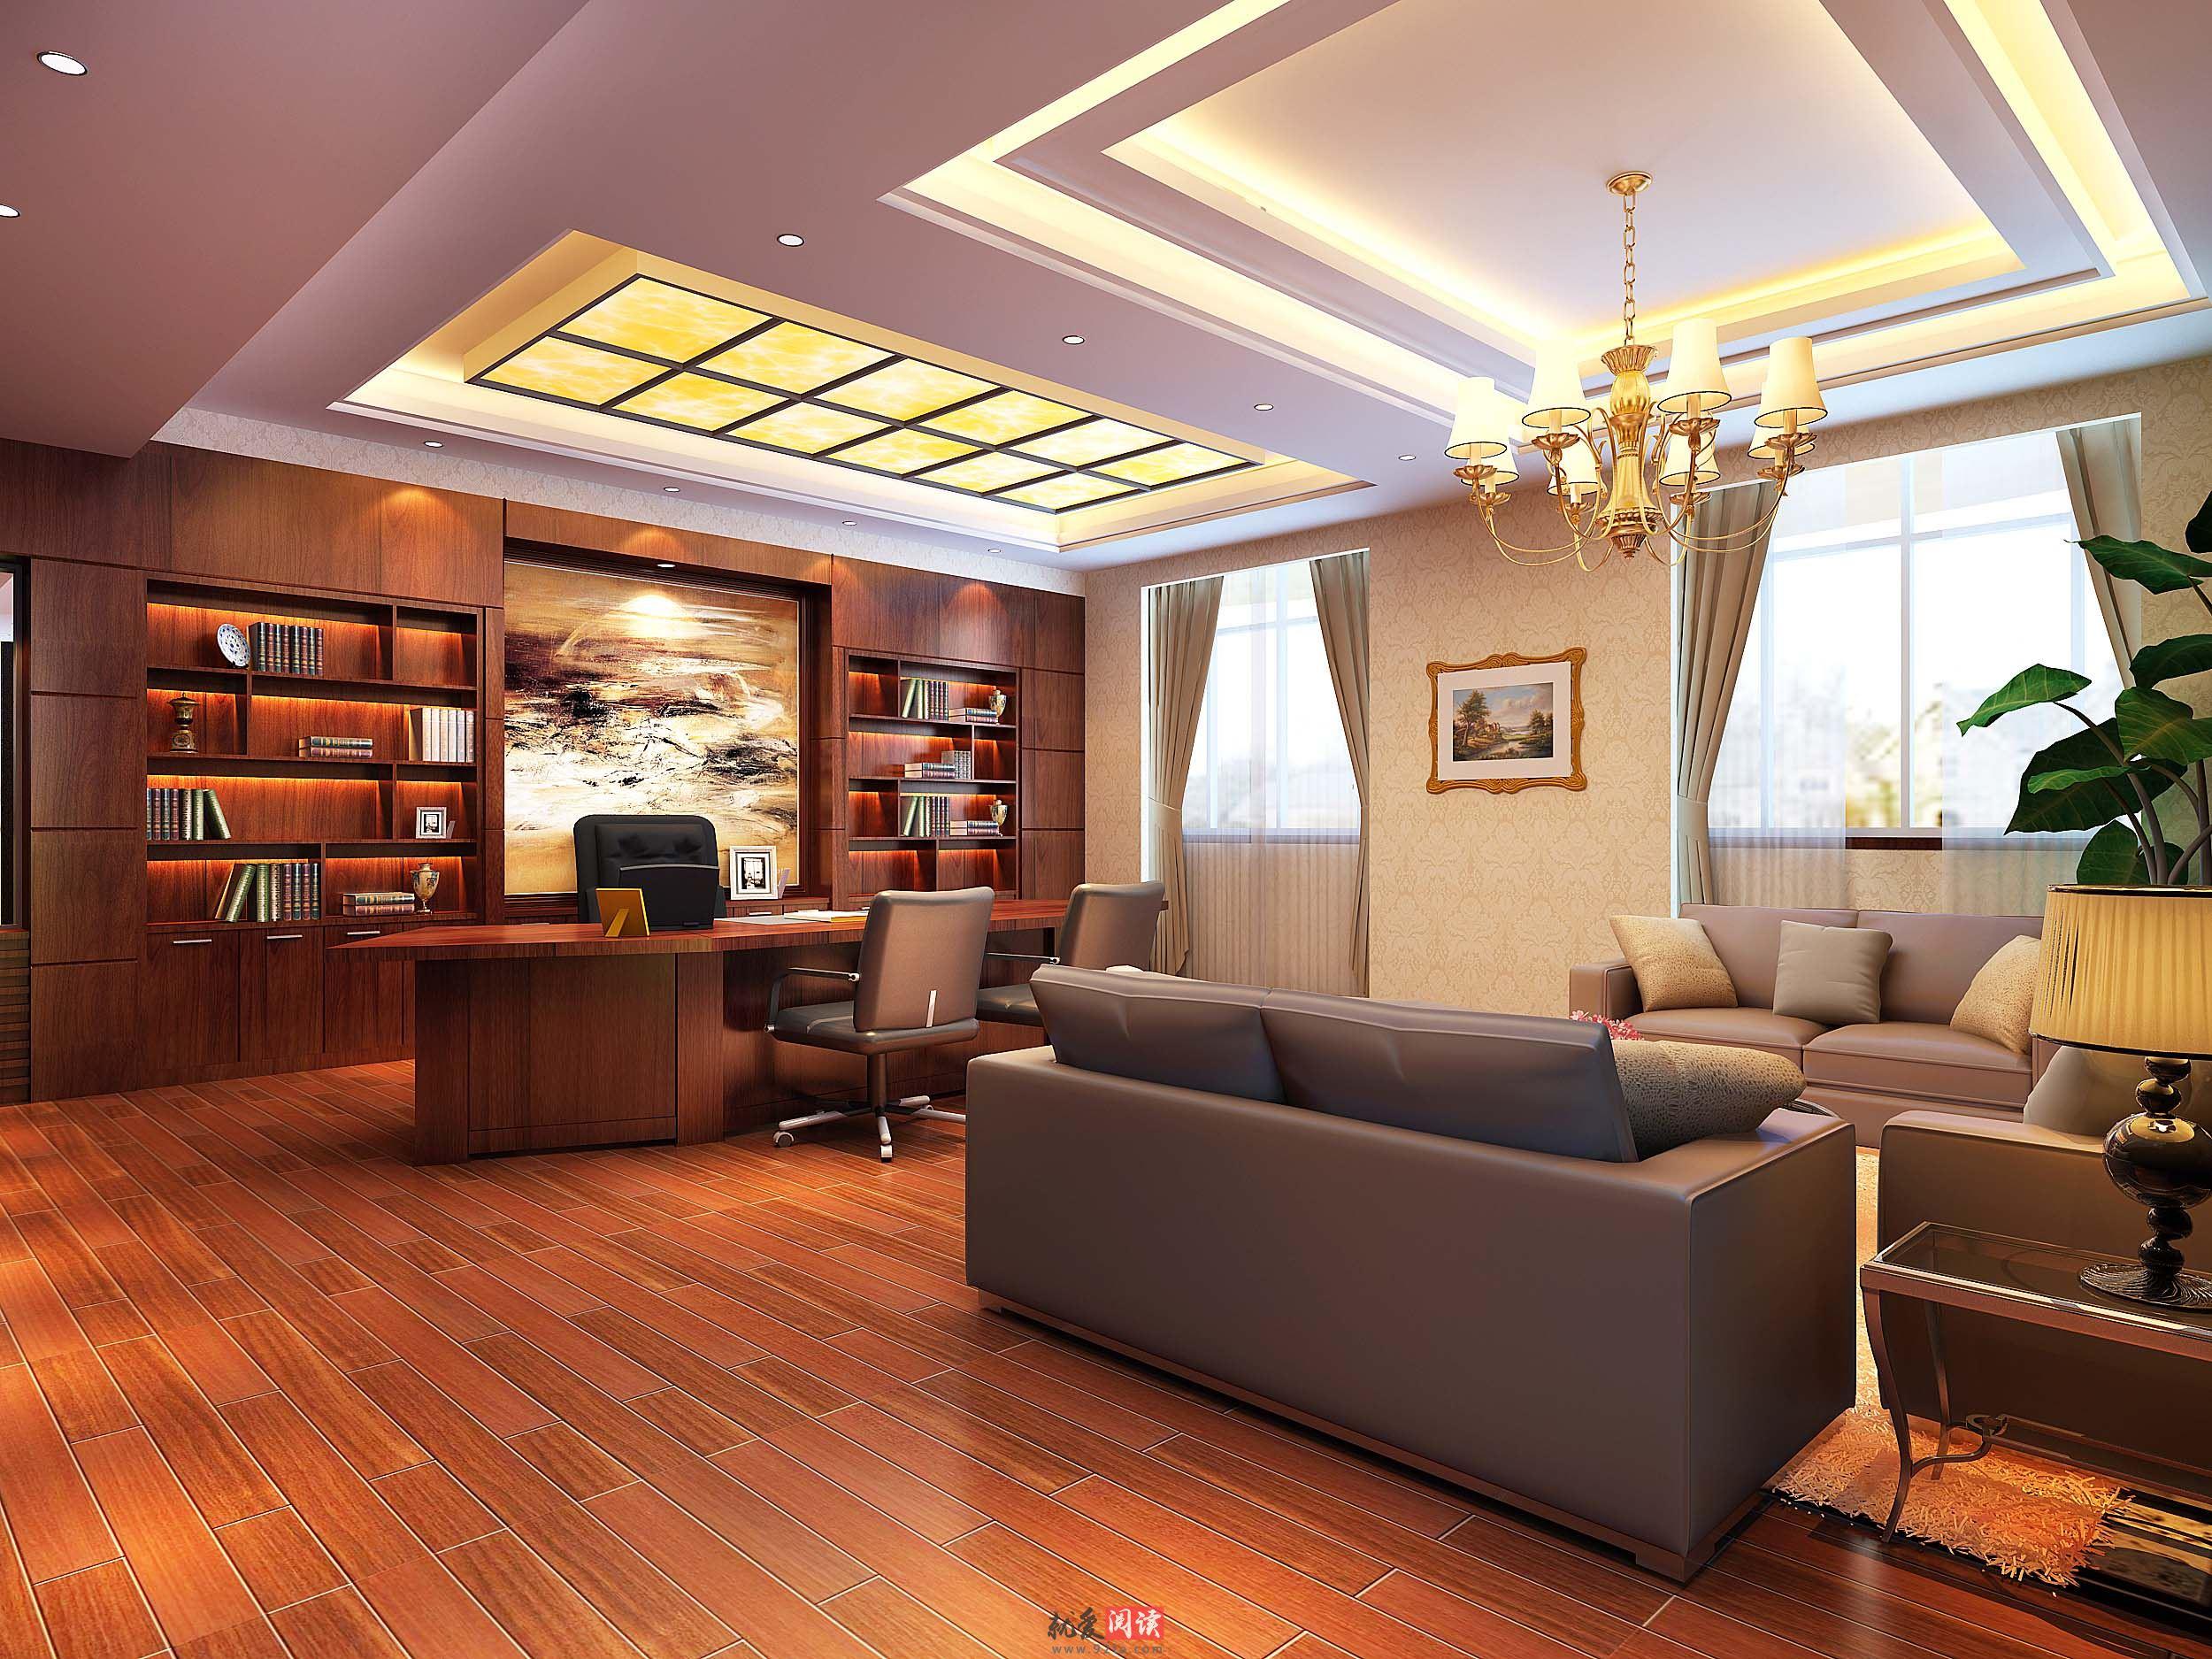 办公室 家居 起居室 设计 装修 2500_1875